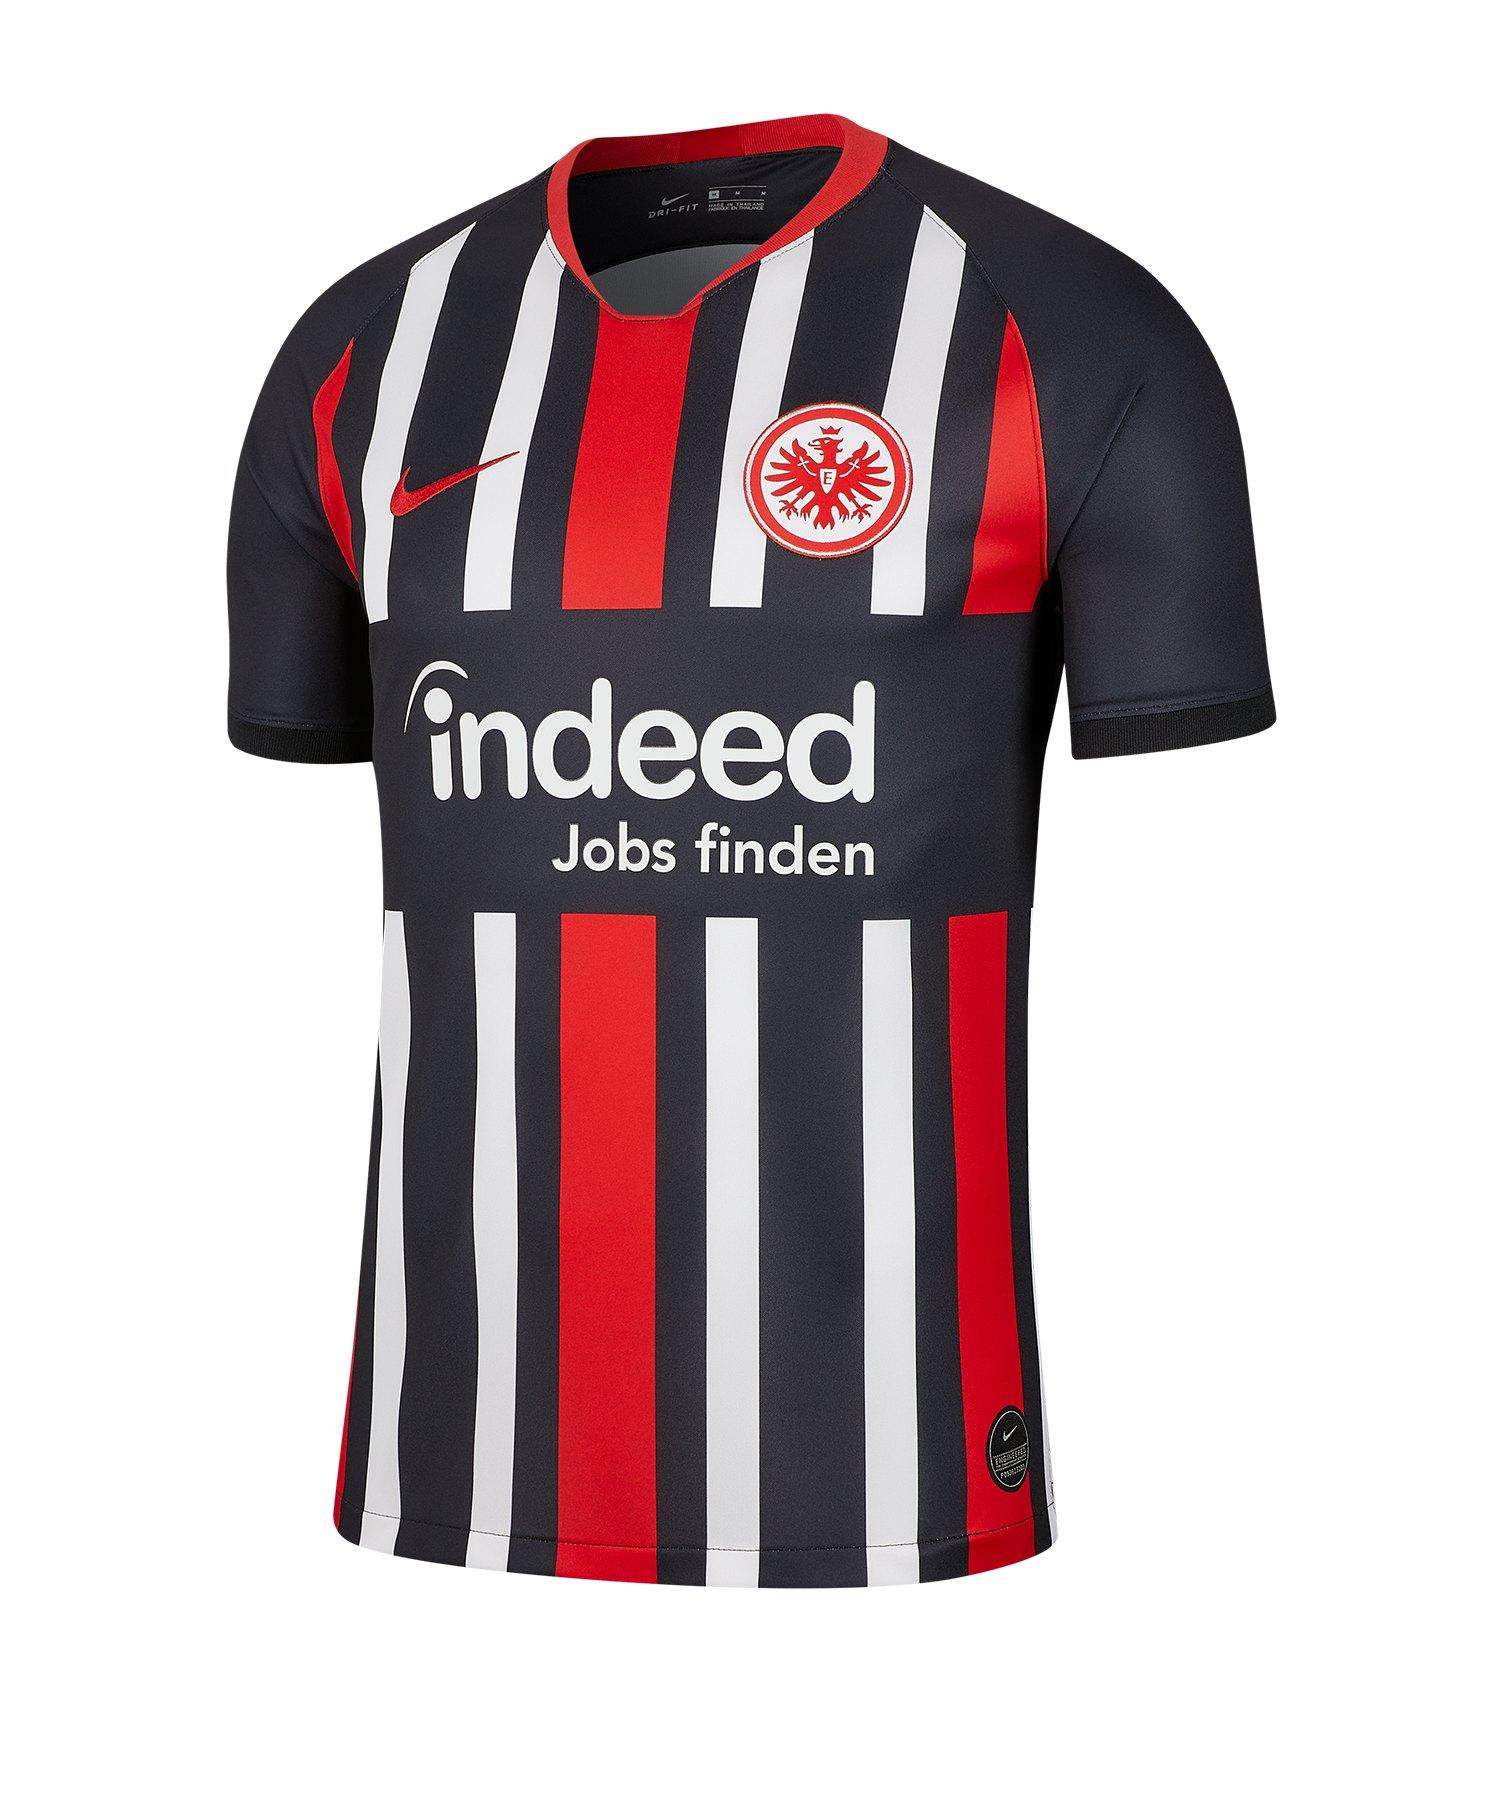 Trikot 1920 Nike F011 Home Frankfurt Eintracht qL3A4j5R